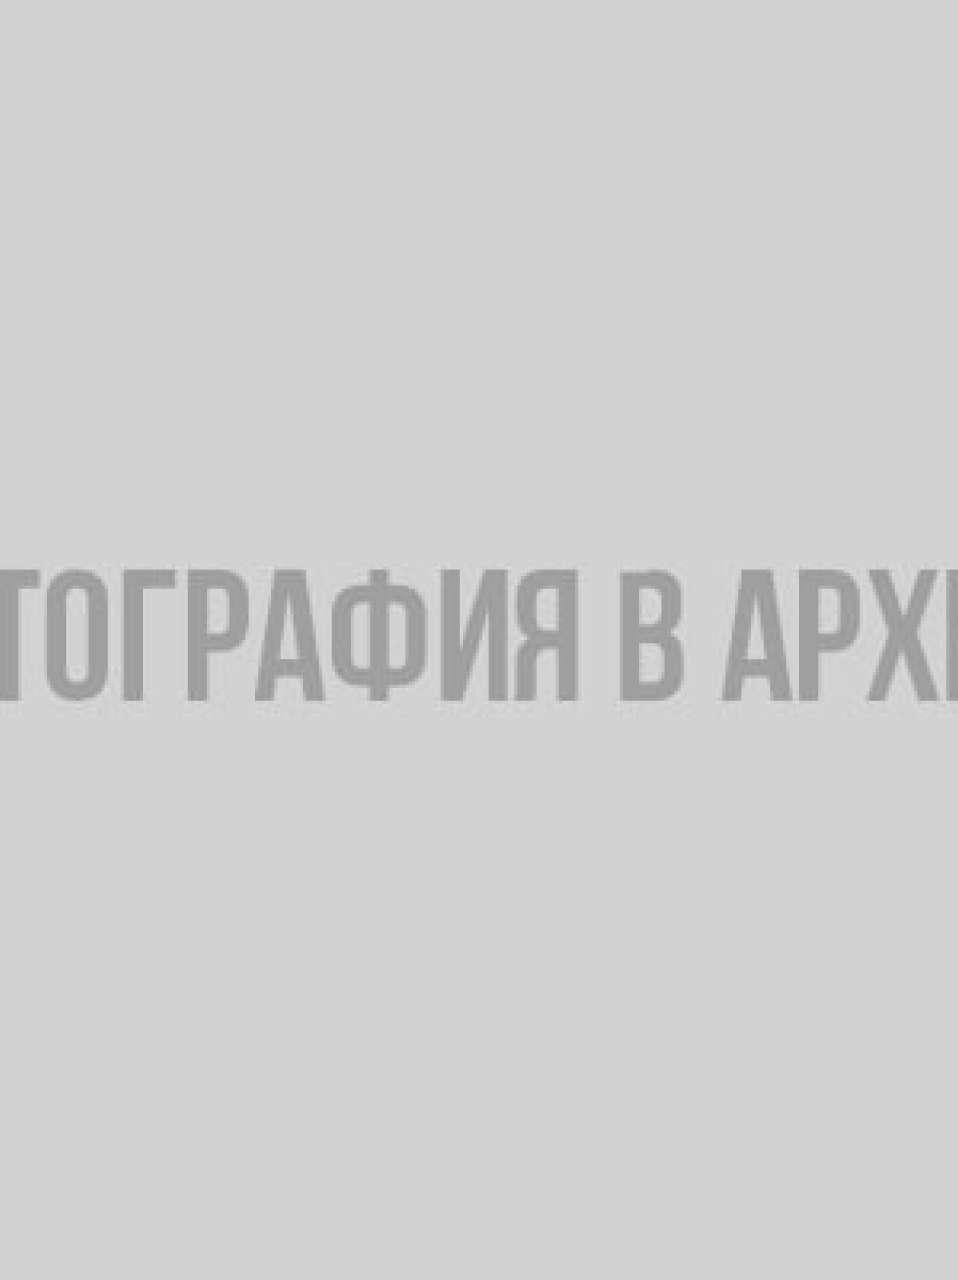 Во Всеволожском районе в квартире двух братьев нашли наркоплантацию - фото наркотики, наркоплантация, Ленобласть, ГУ МВД по Петербургу и Ленобласти, Всеволожский район